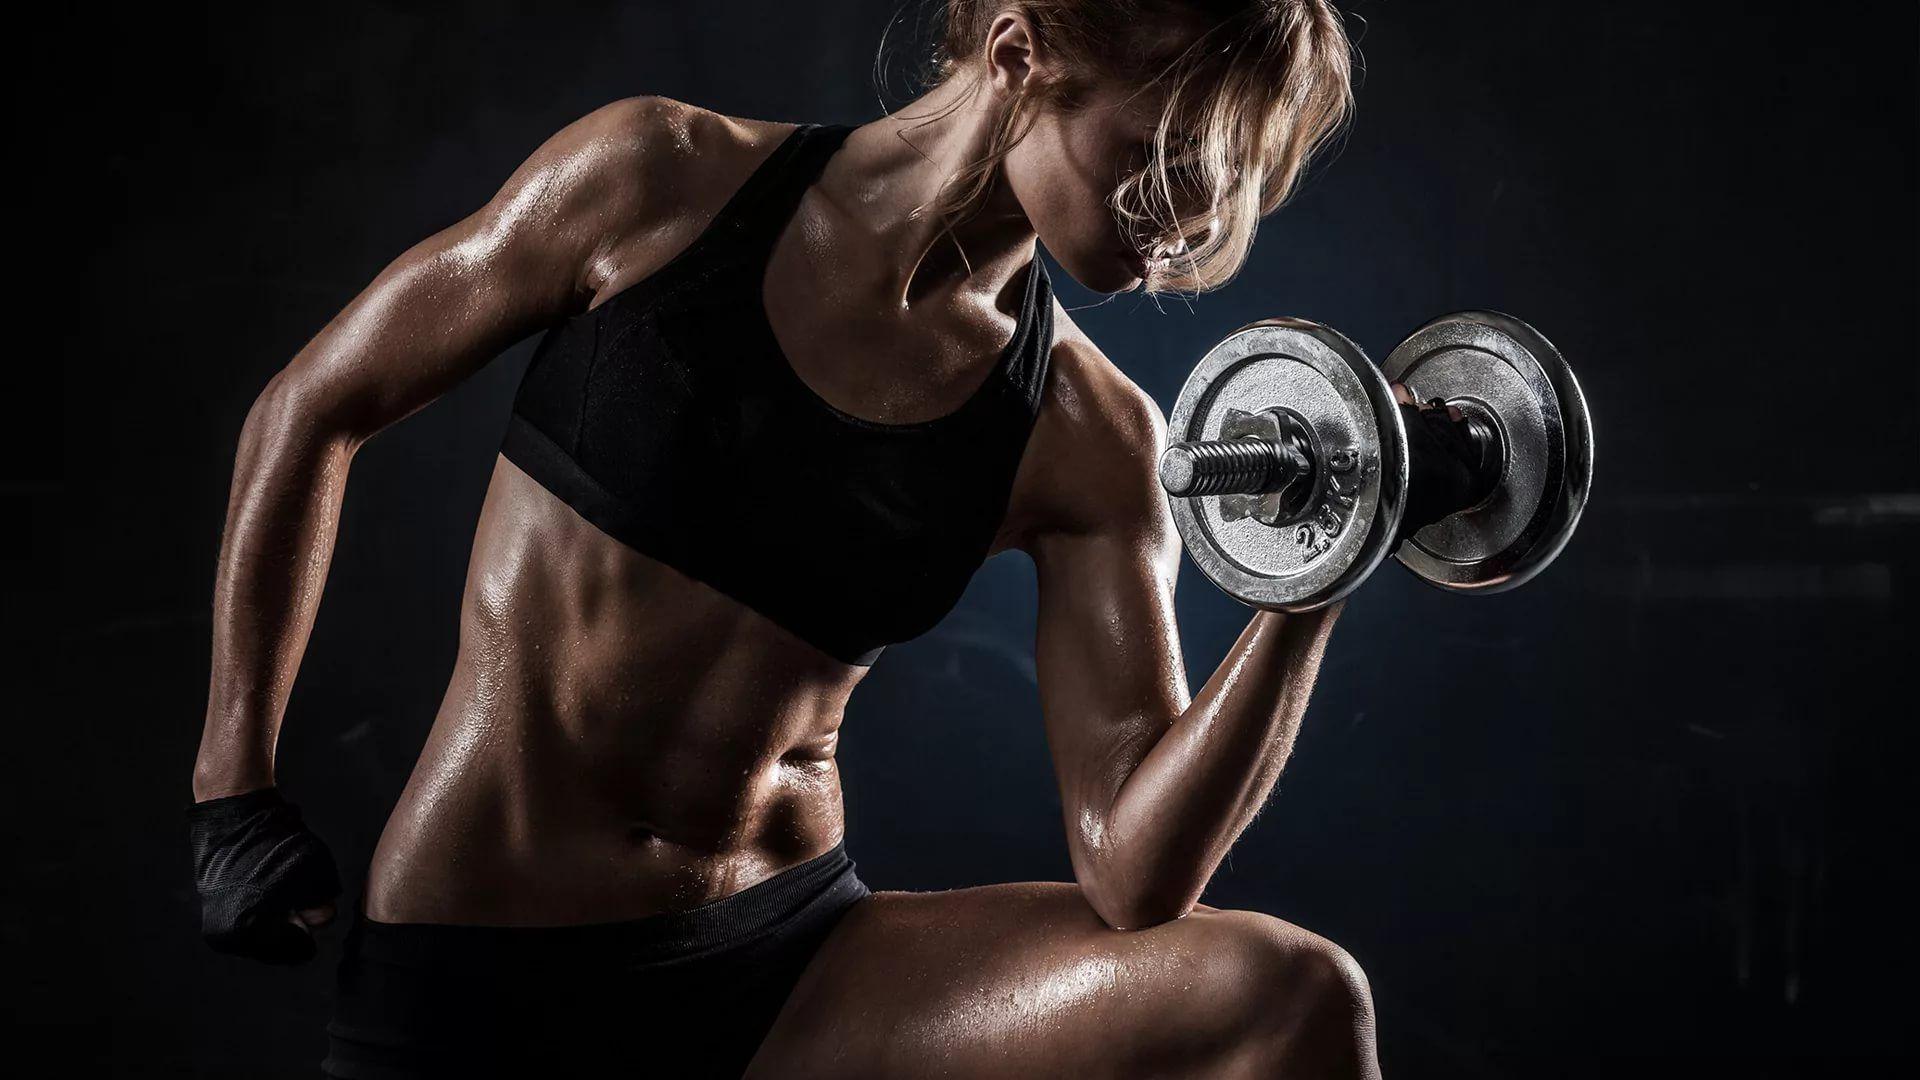 Workout Motivation hd desktop wallpaper